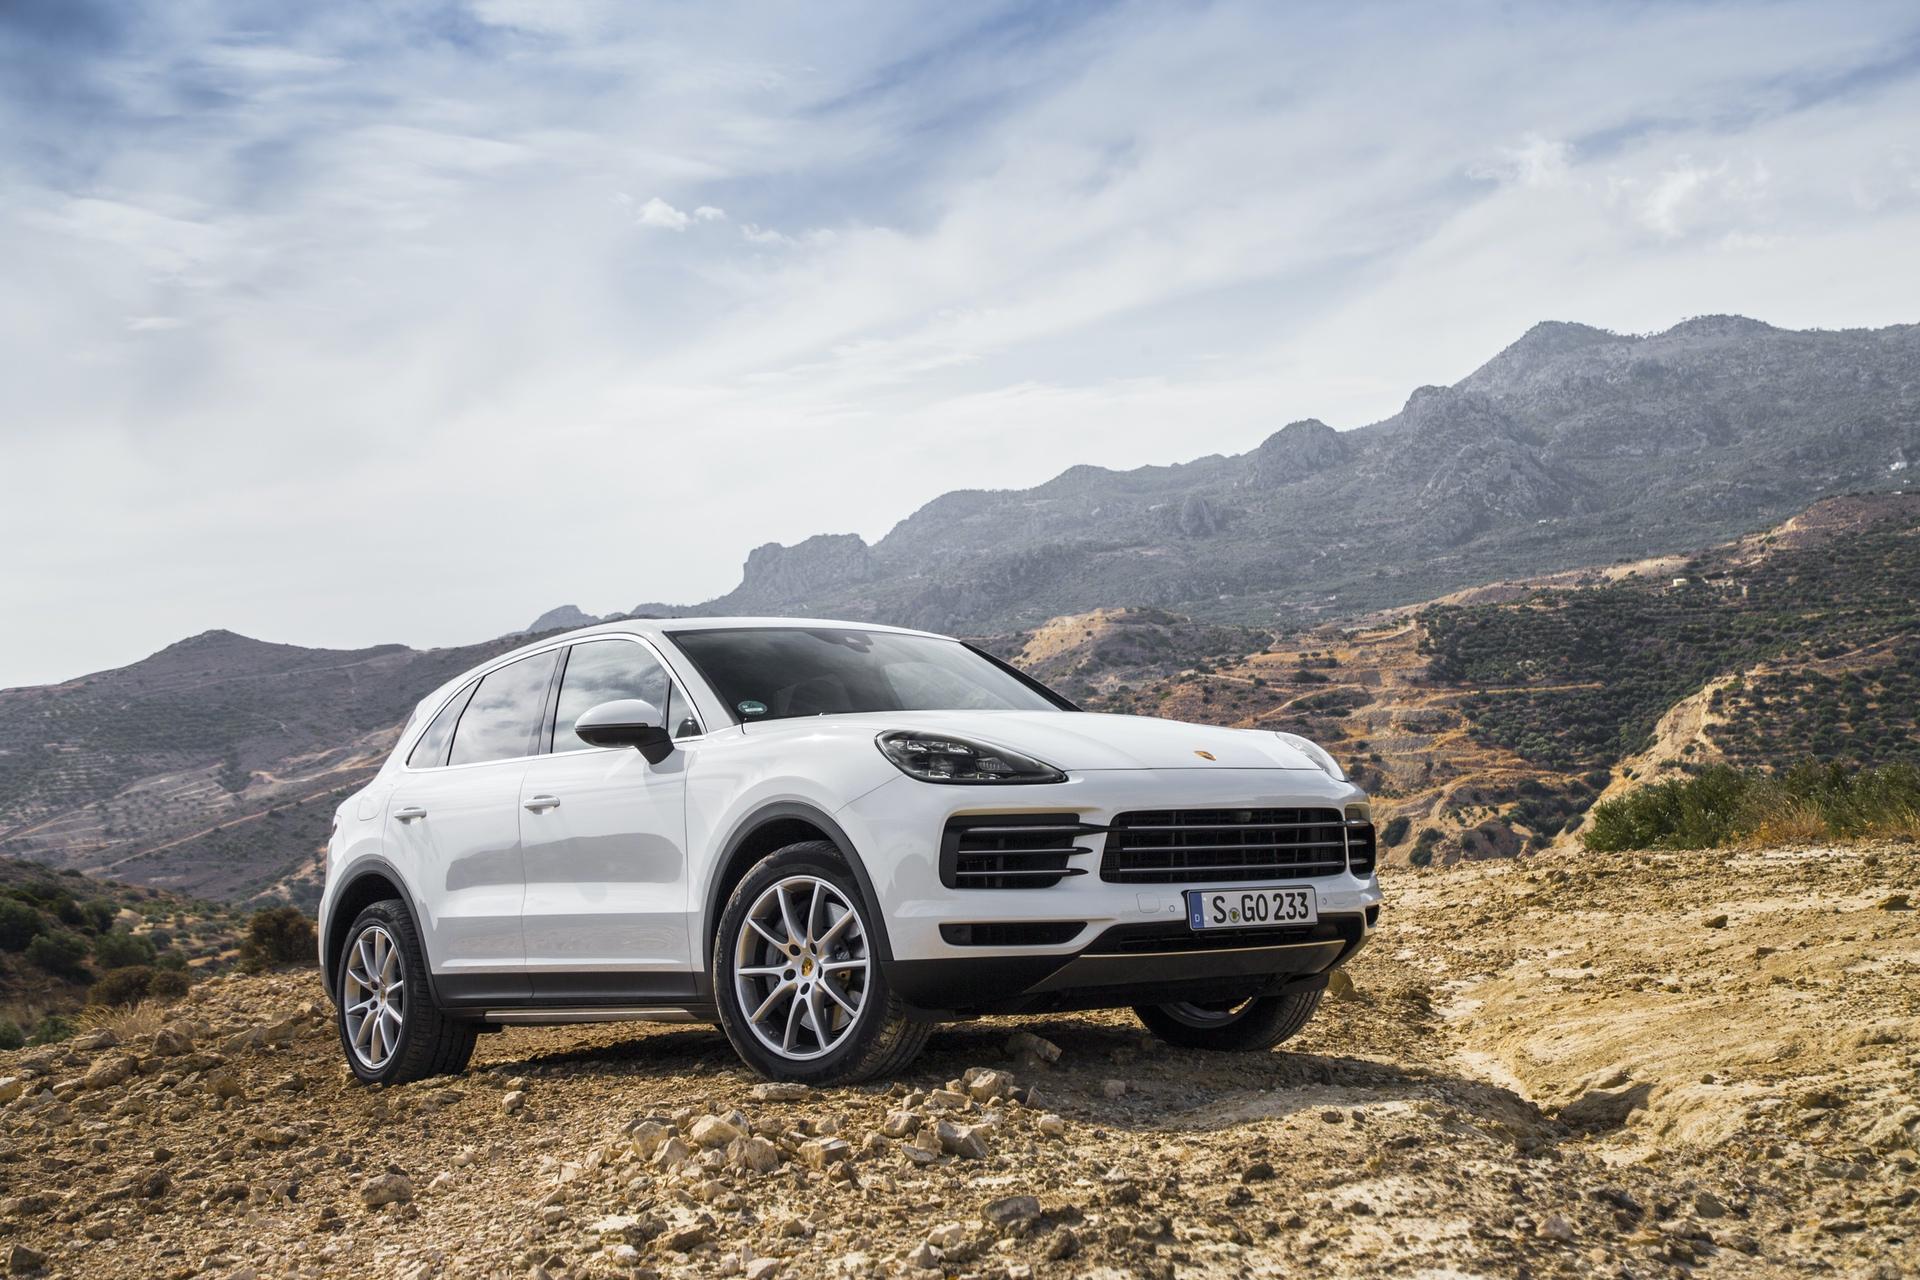 Test_Drive_Porsche_Cayenne_237